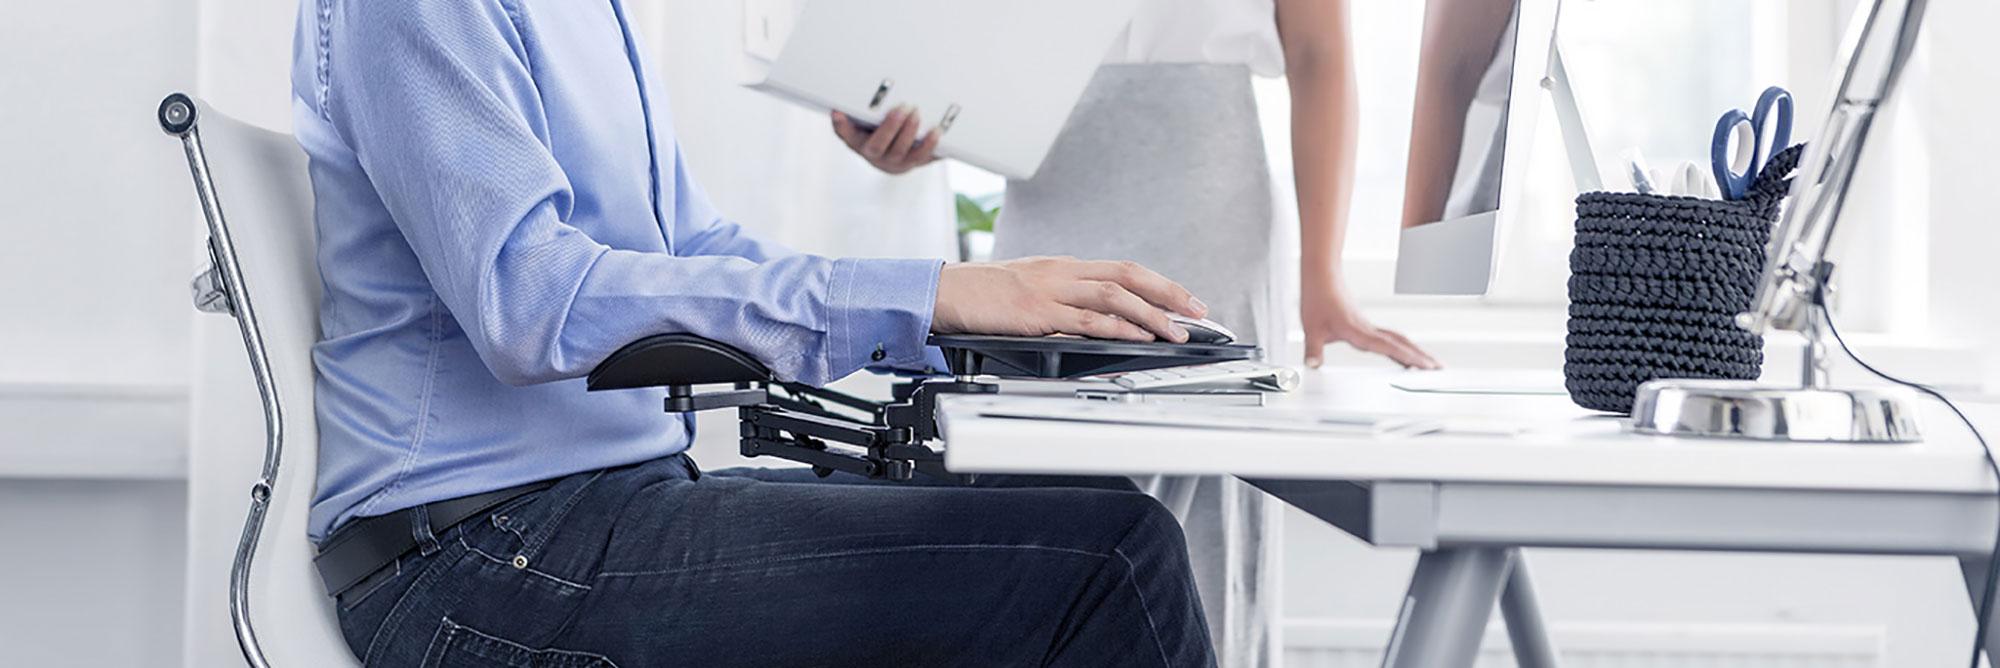 Équipement de bureau et informatique - Handicap & TMS